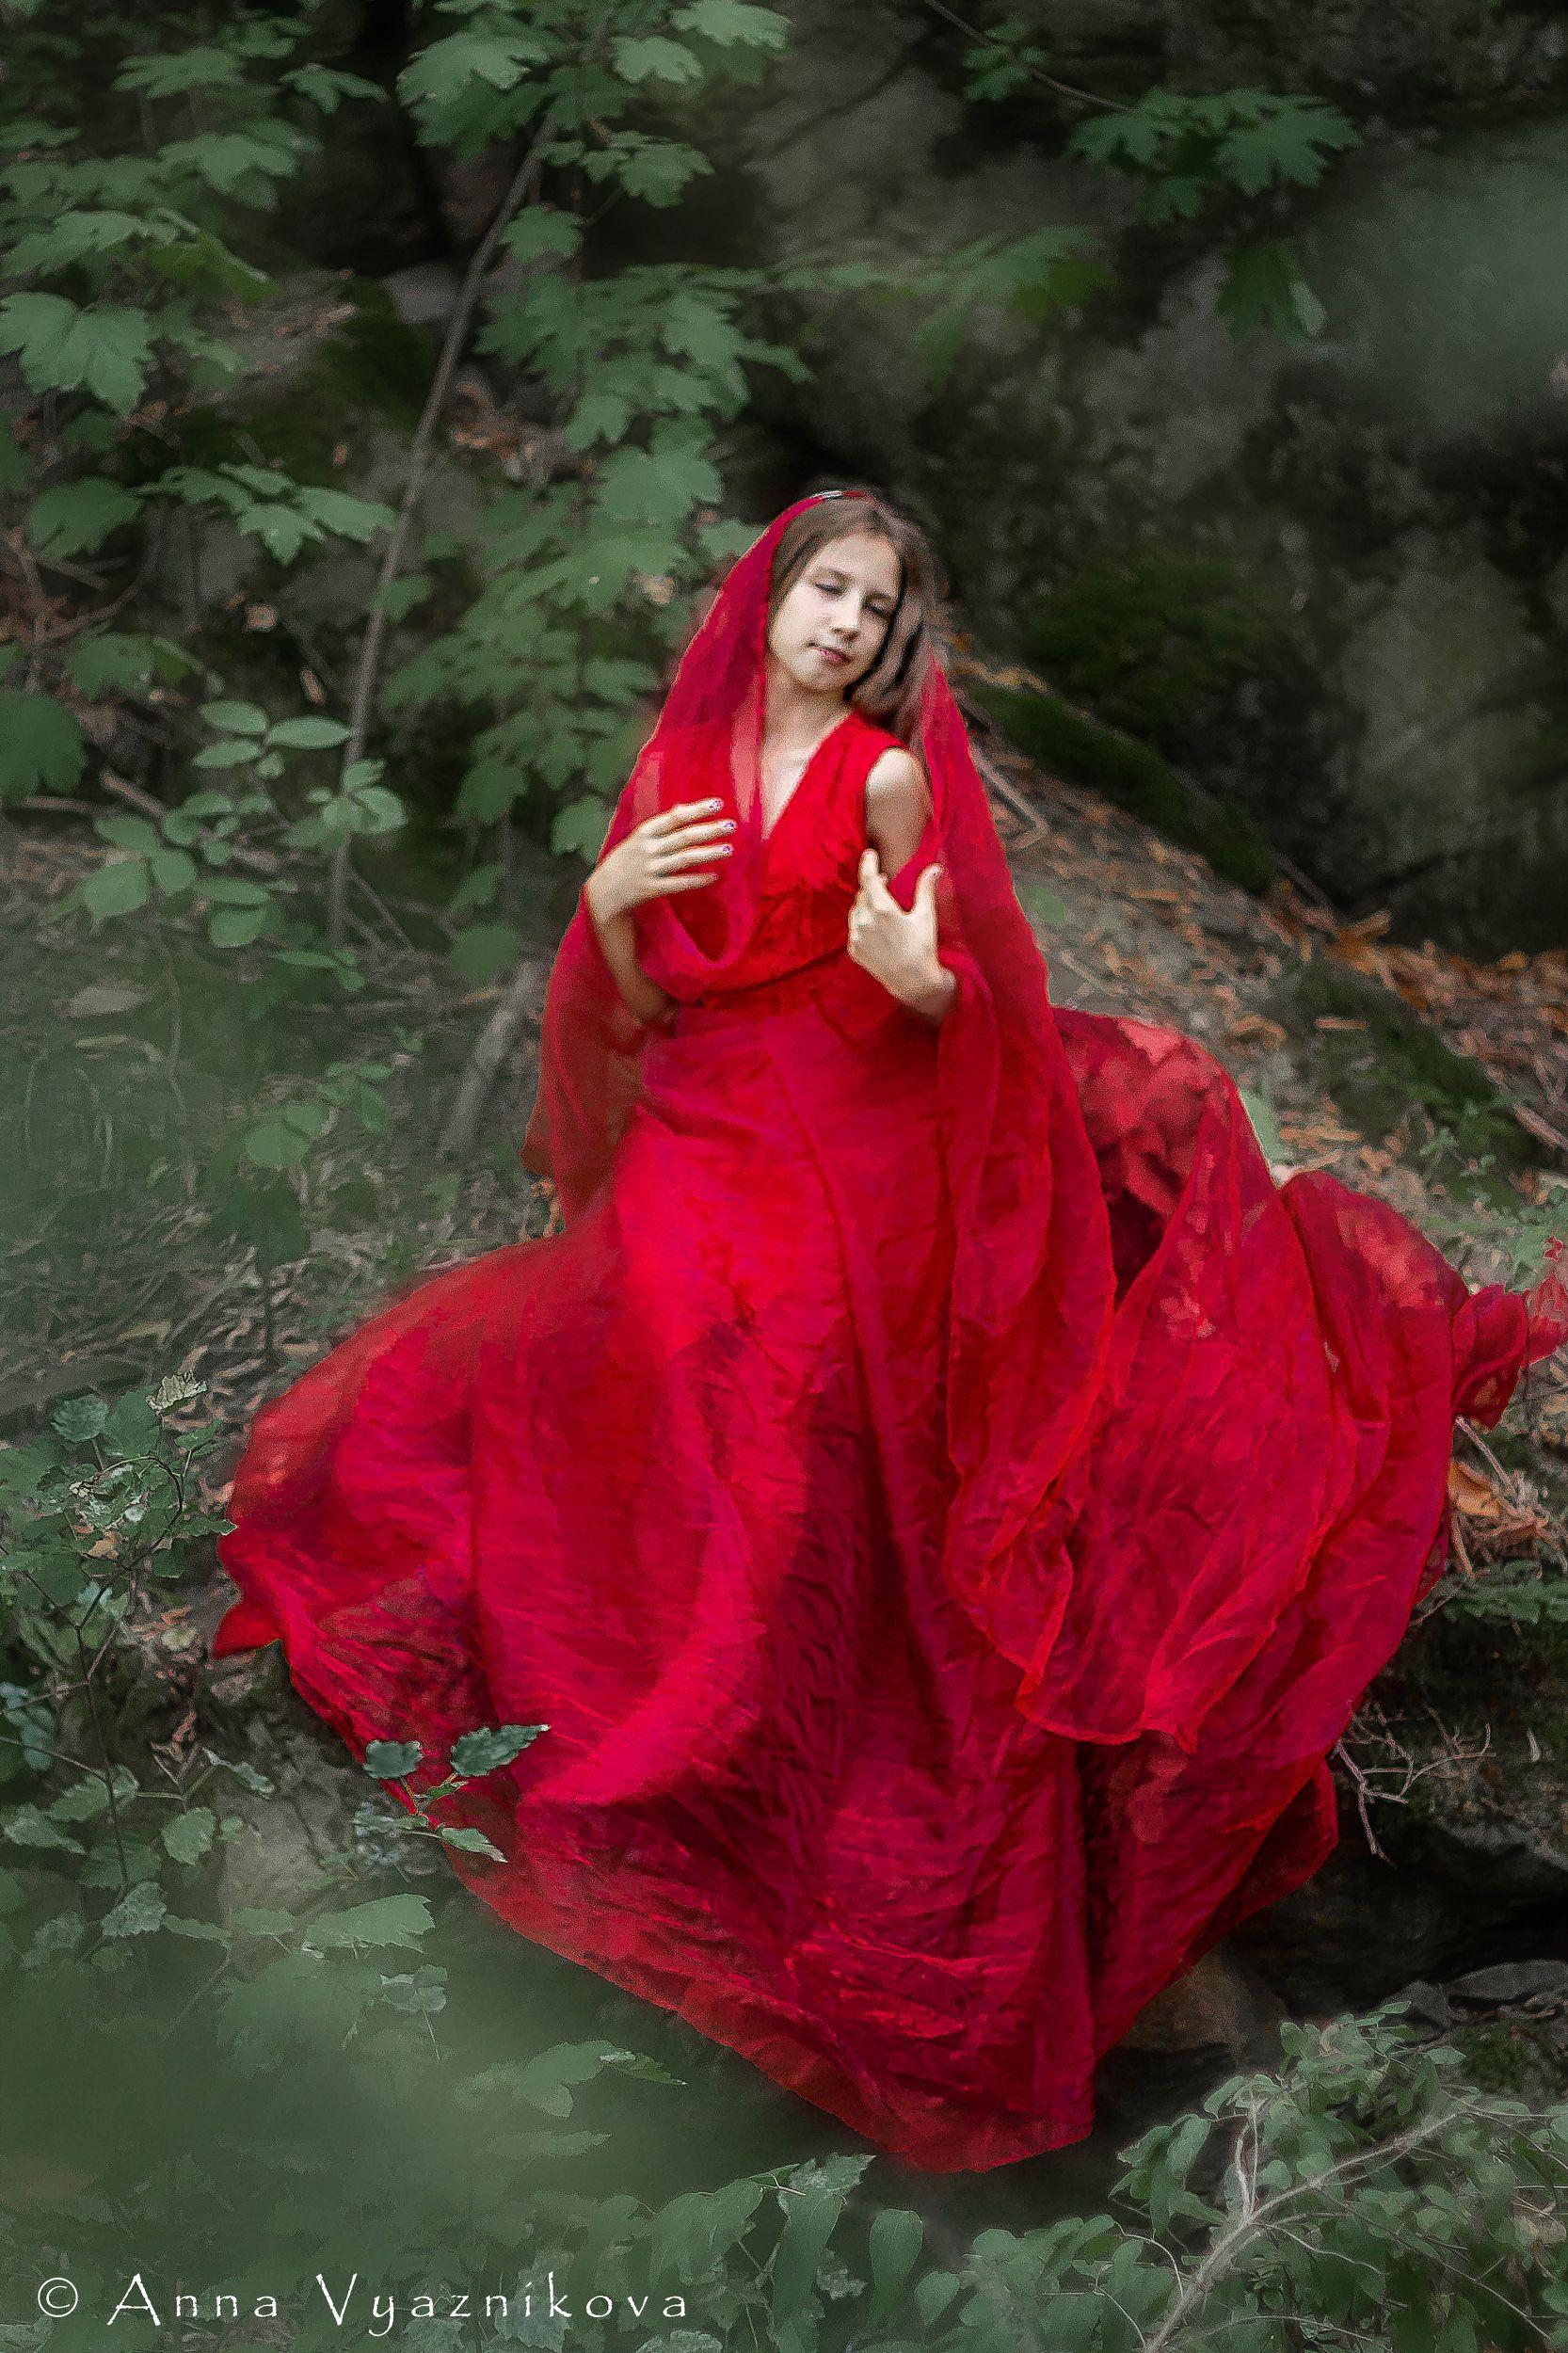 фотограф Лисичанск, семейный фотограф, детский фотограф, летняя фотосессия, детская фотосессия, фотосессия на природе, фотосессия в красном платье,, Вязникова Анна